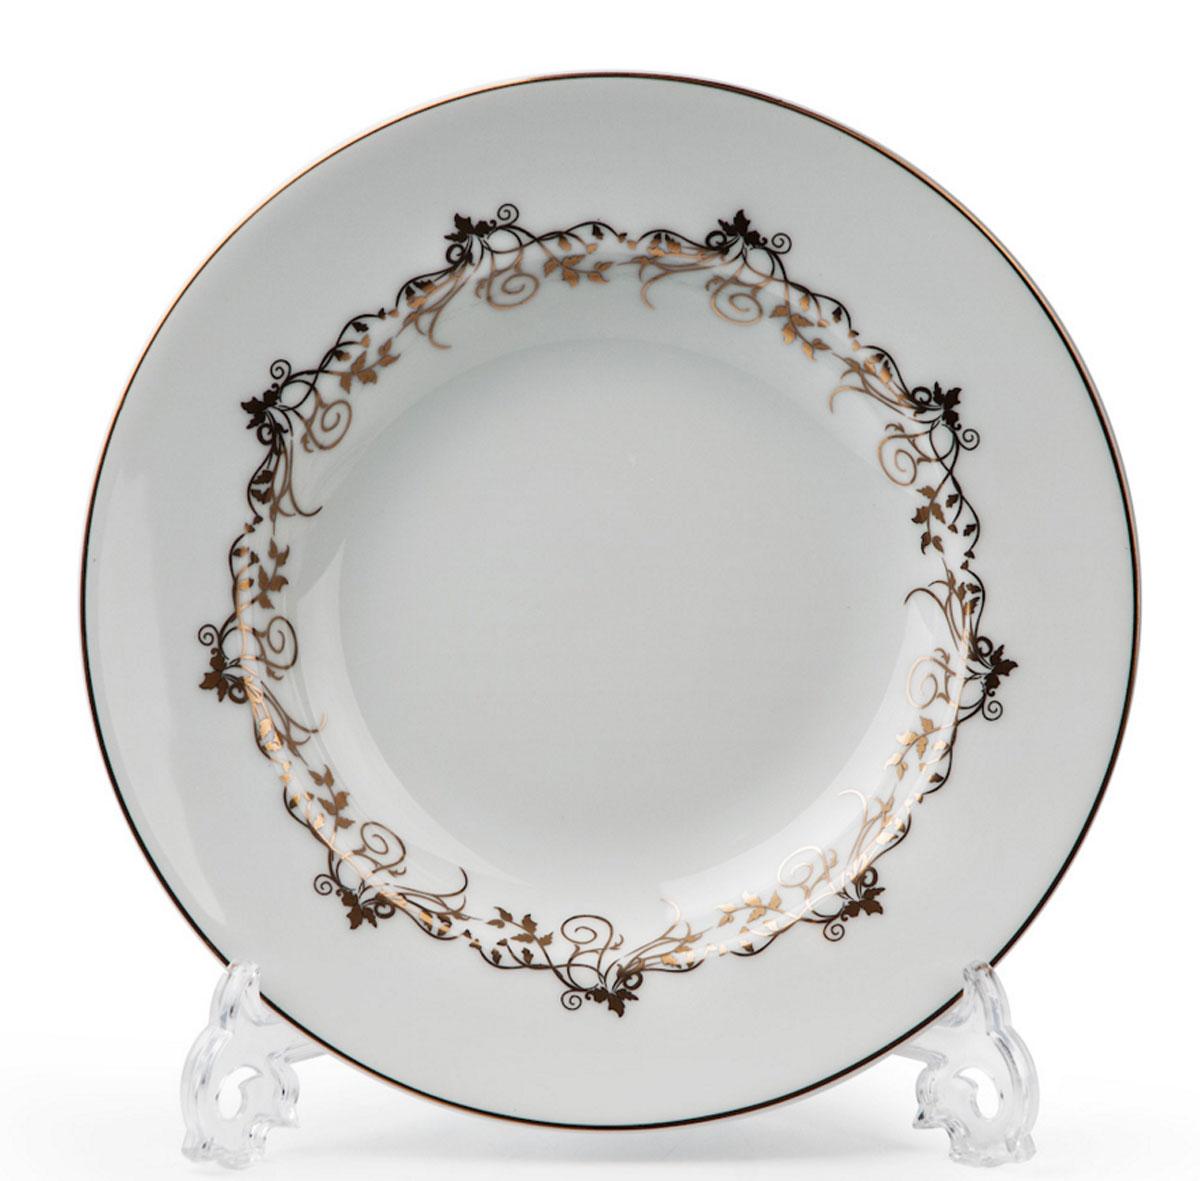 Mimosa Lierre Or 947, набор тарелок глубоких (6шт), цвет: белый с золотом539 124 947В наборе глубокая тарелка 6 штук